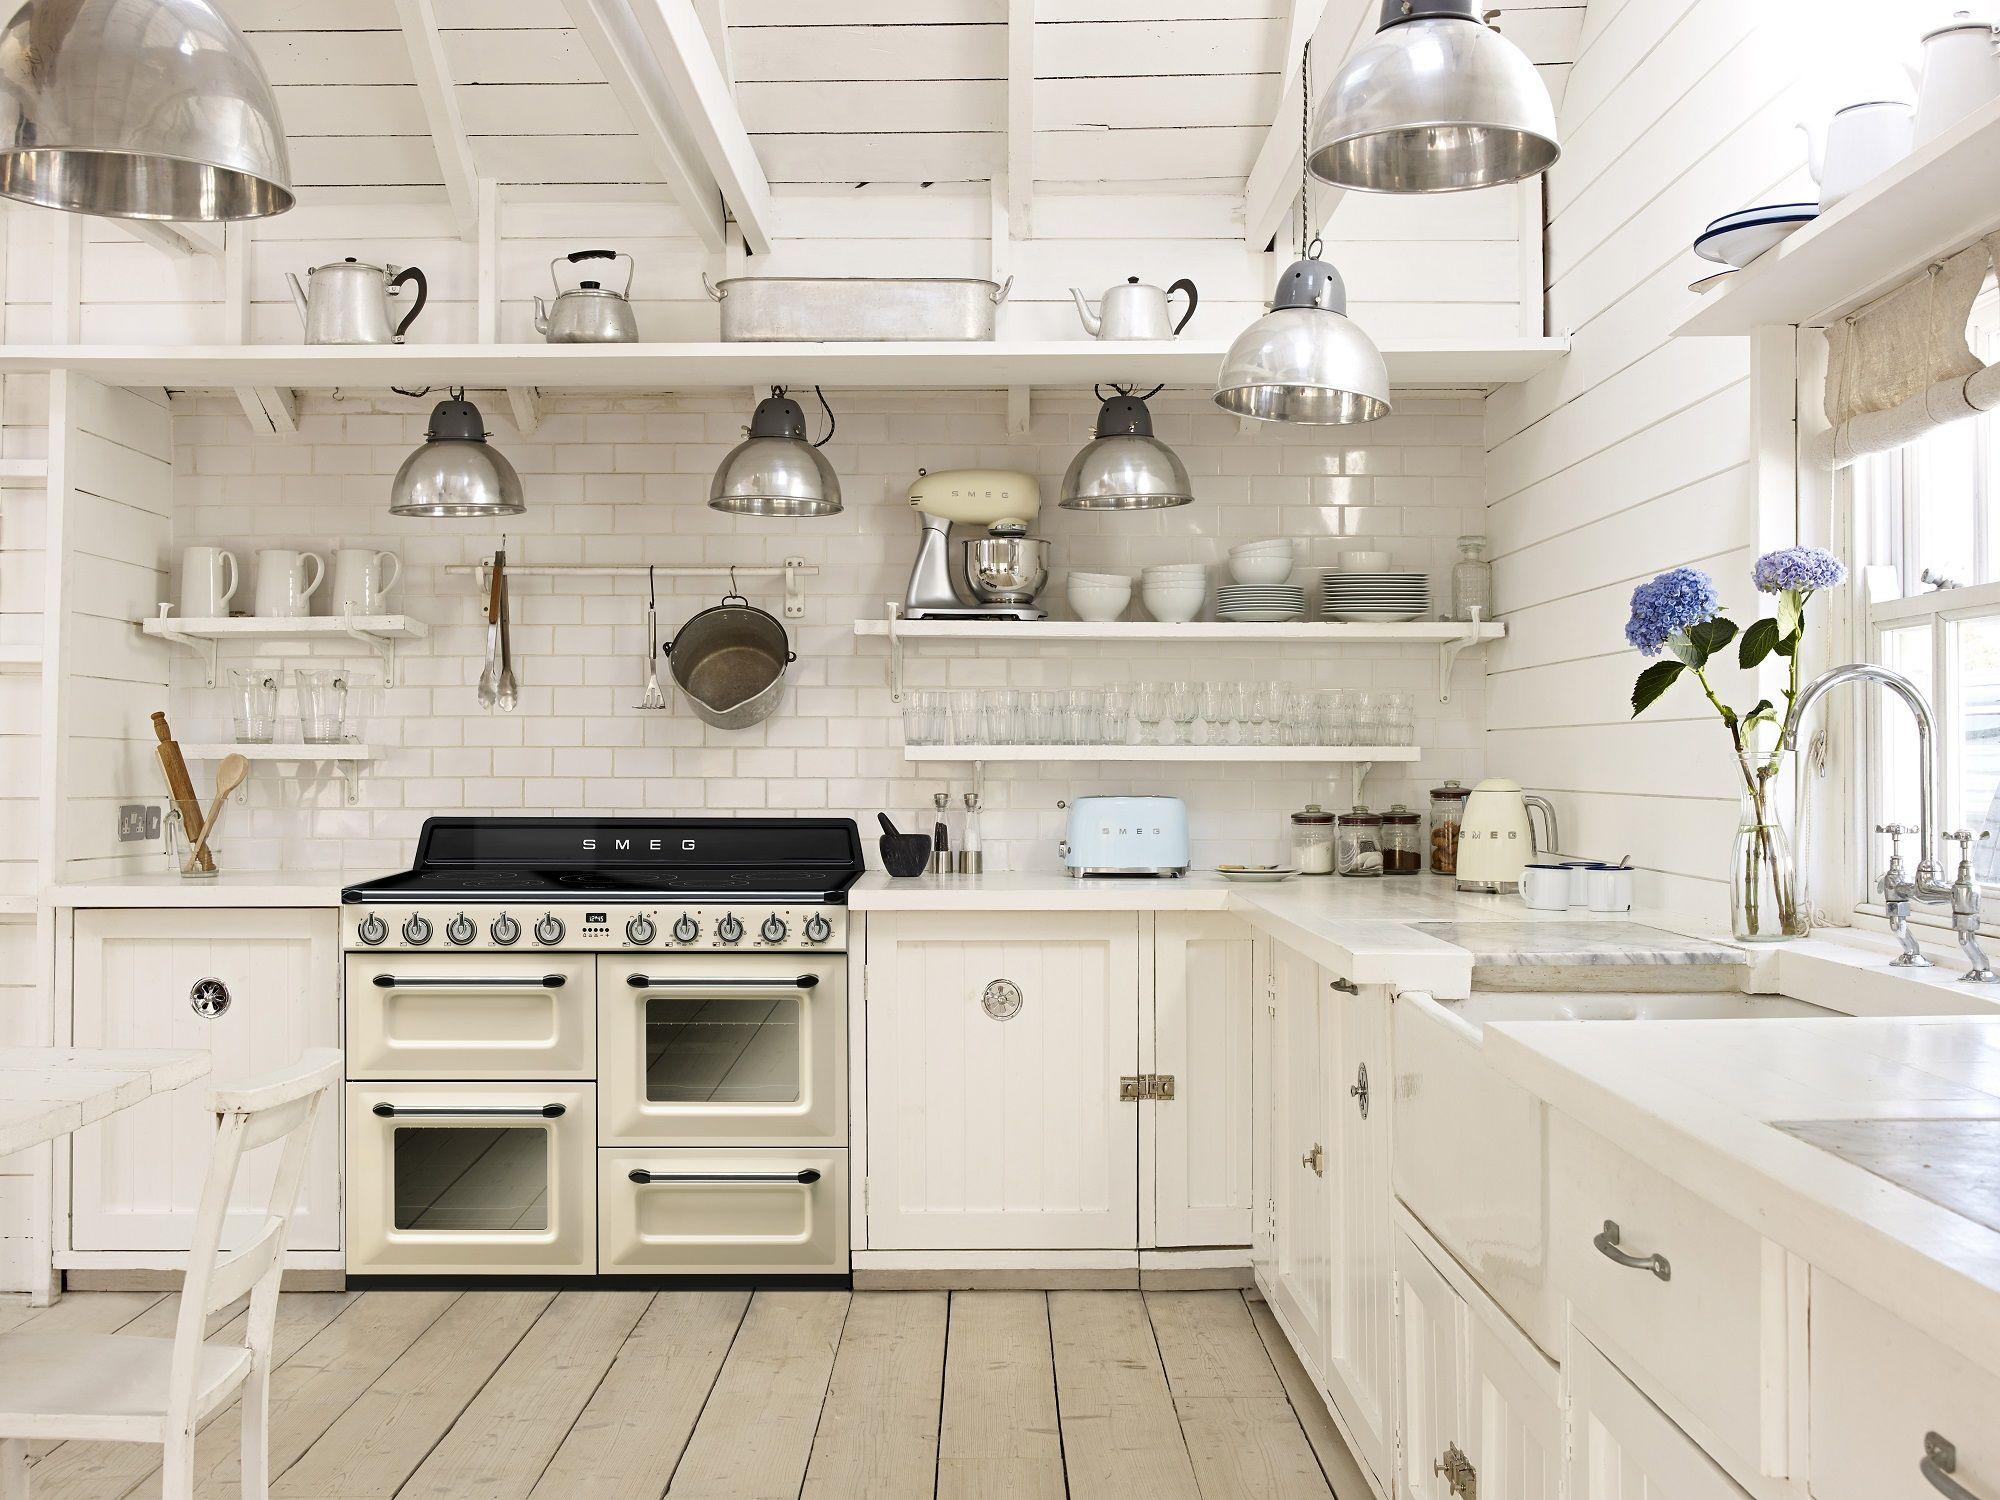 Jaren 50 Keuken : Keuken met smeg fornuis en klein huishoudelijke apparatuur van